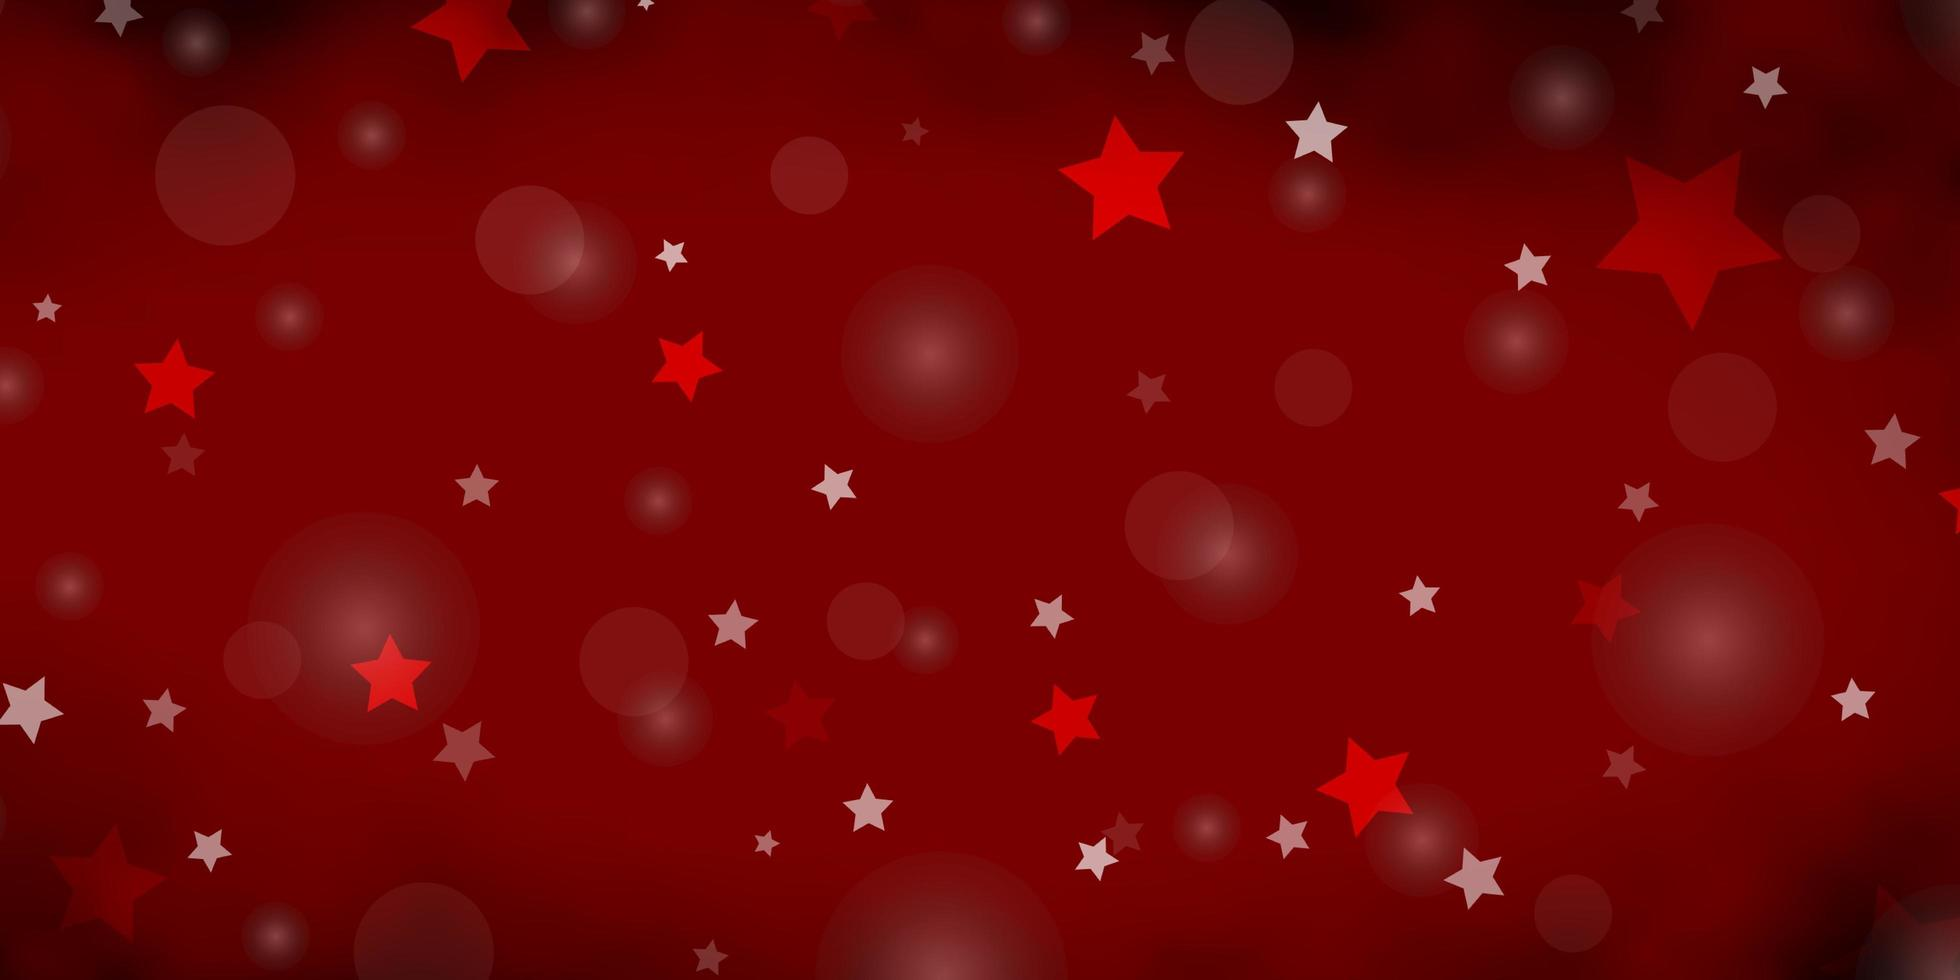 sfondo vettoriale rosso scuro con cerchi, stelle.